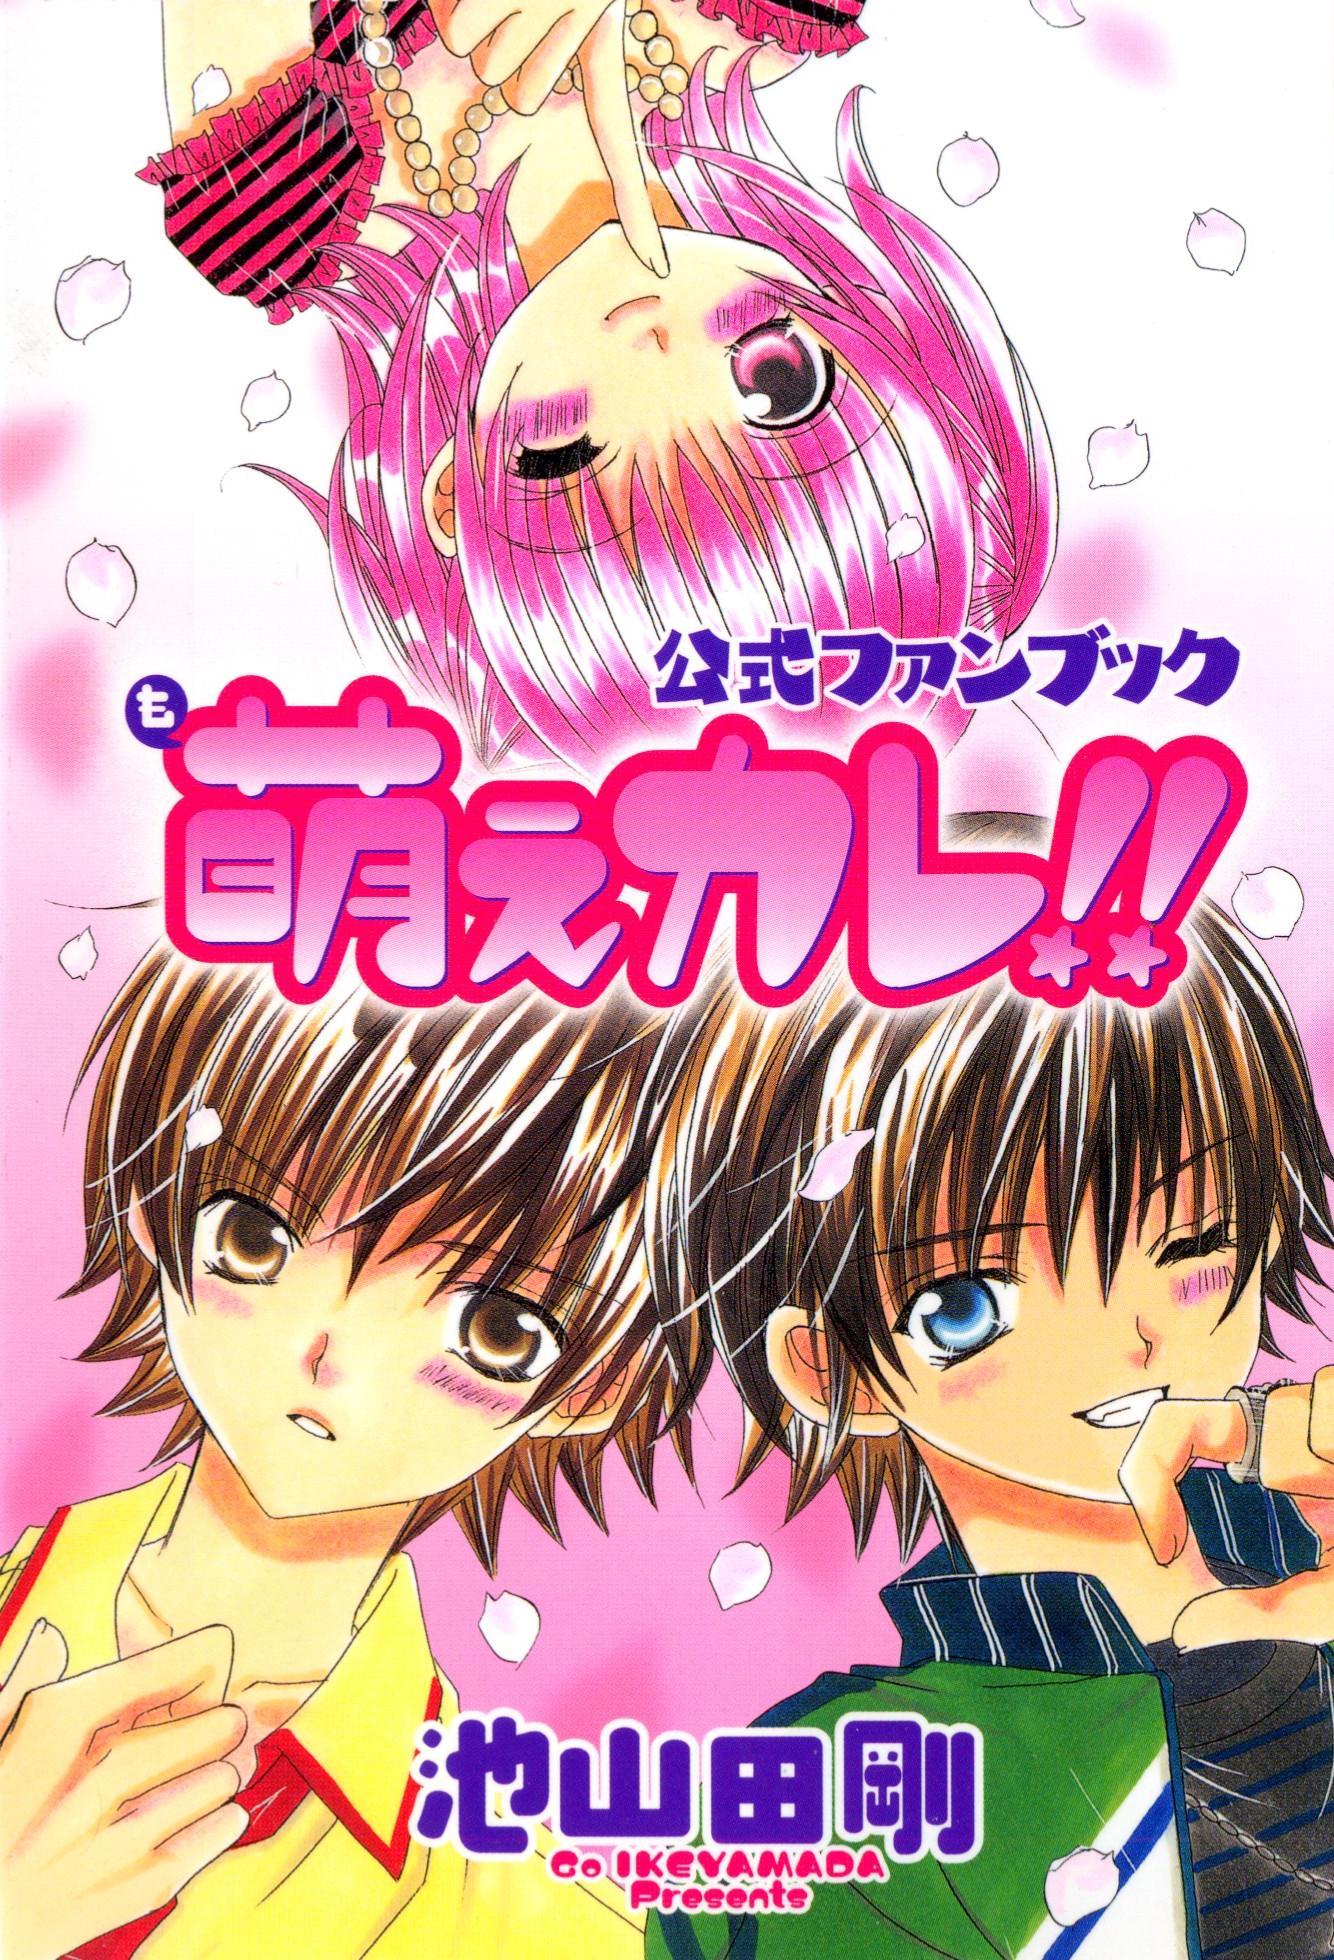 Moe Kare - Ikeyamada Gou - Zerochan Anime Image Board